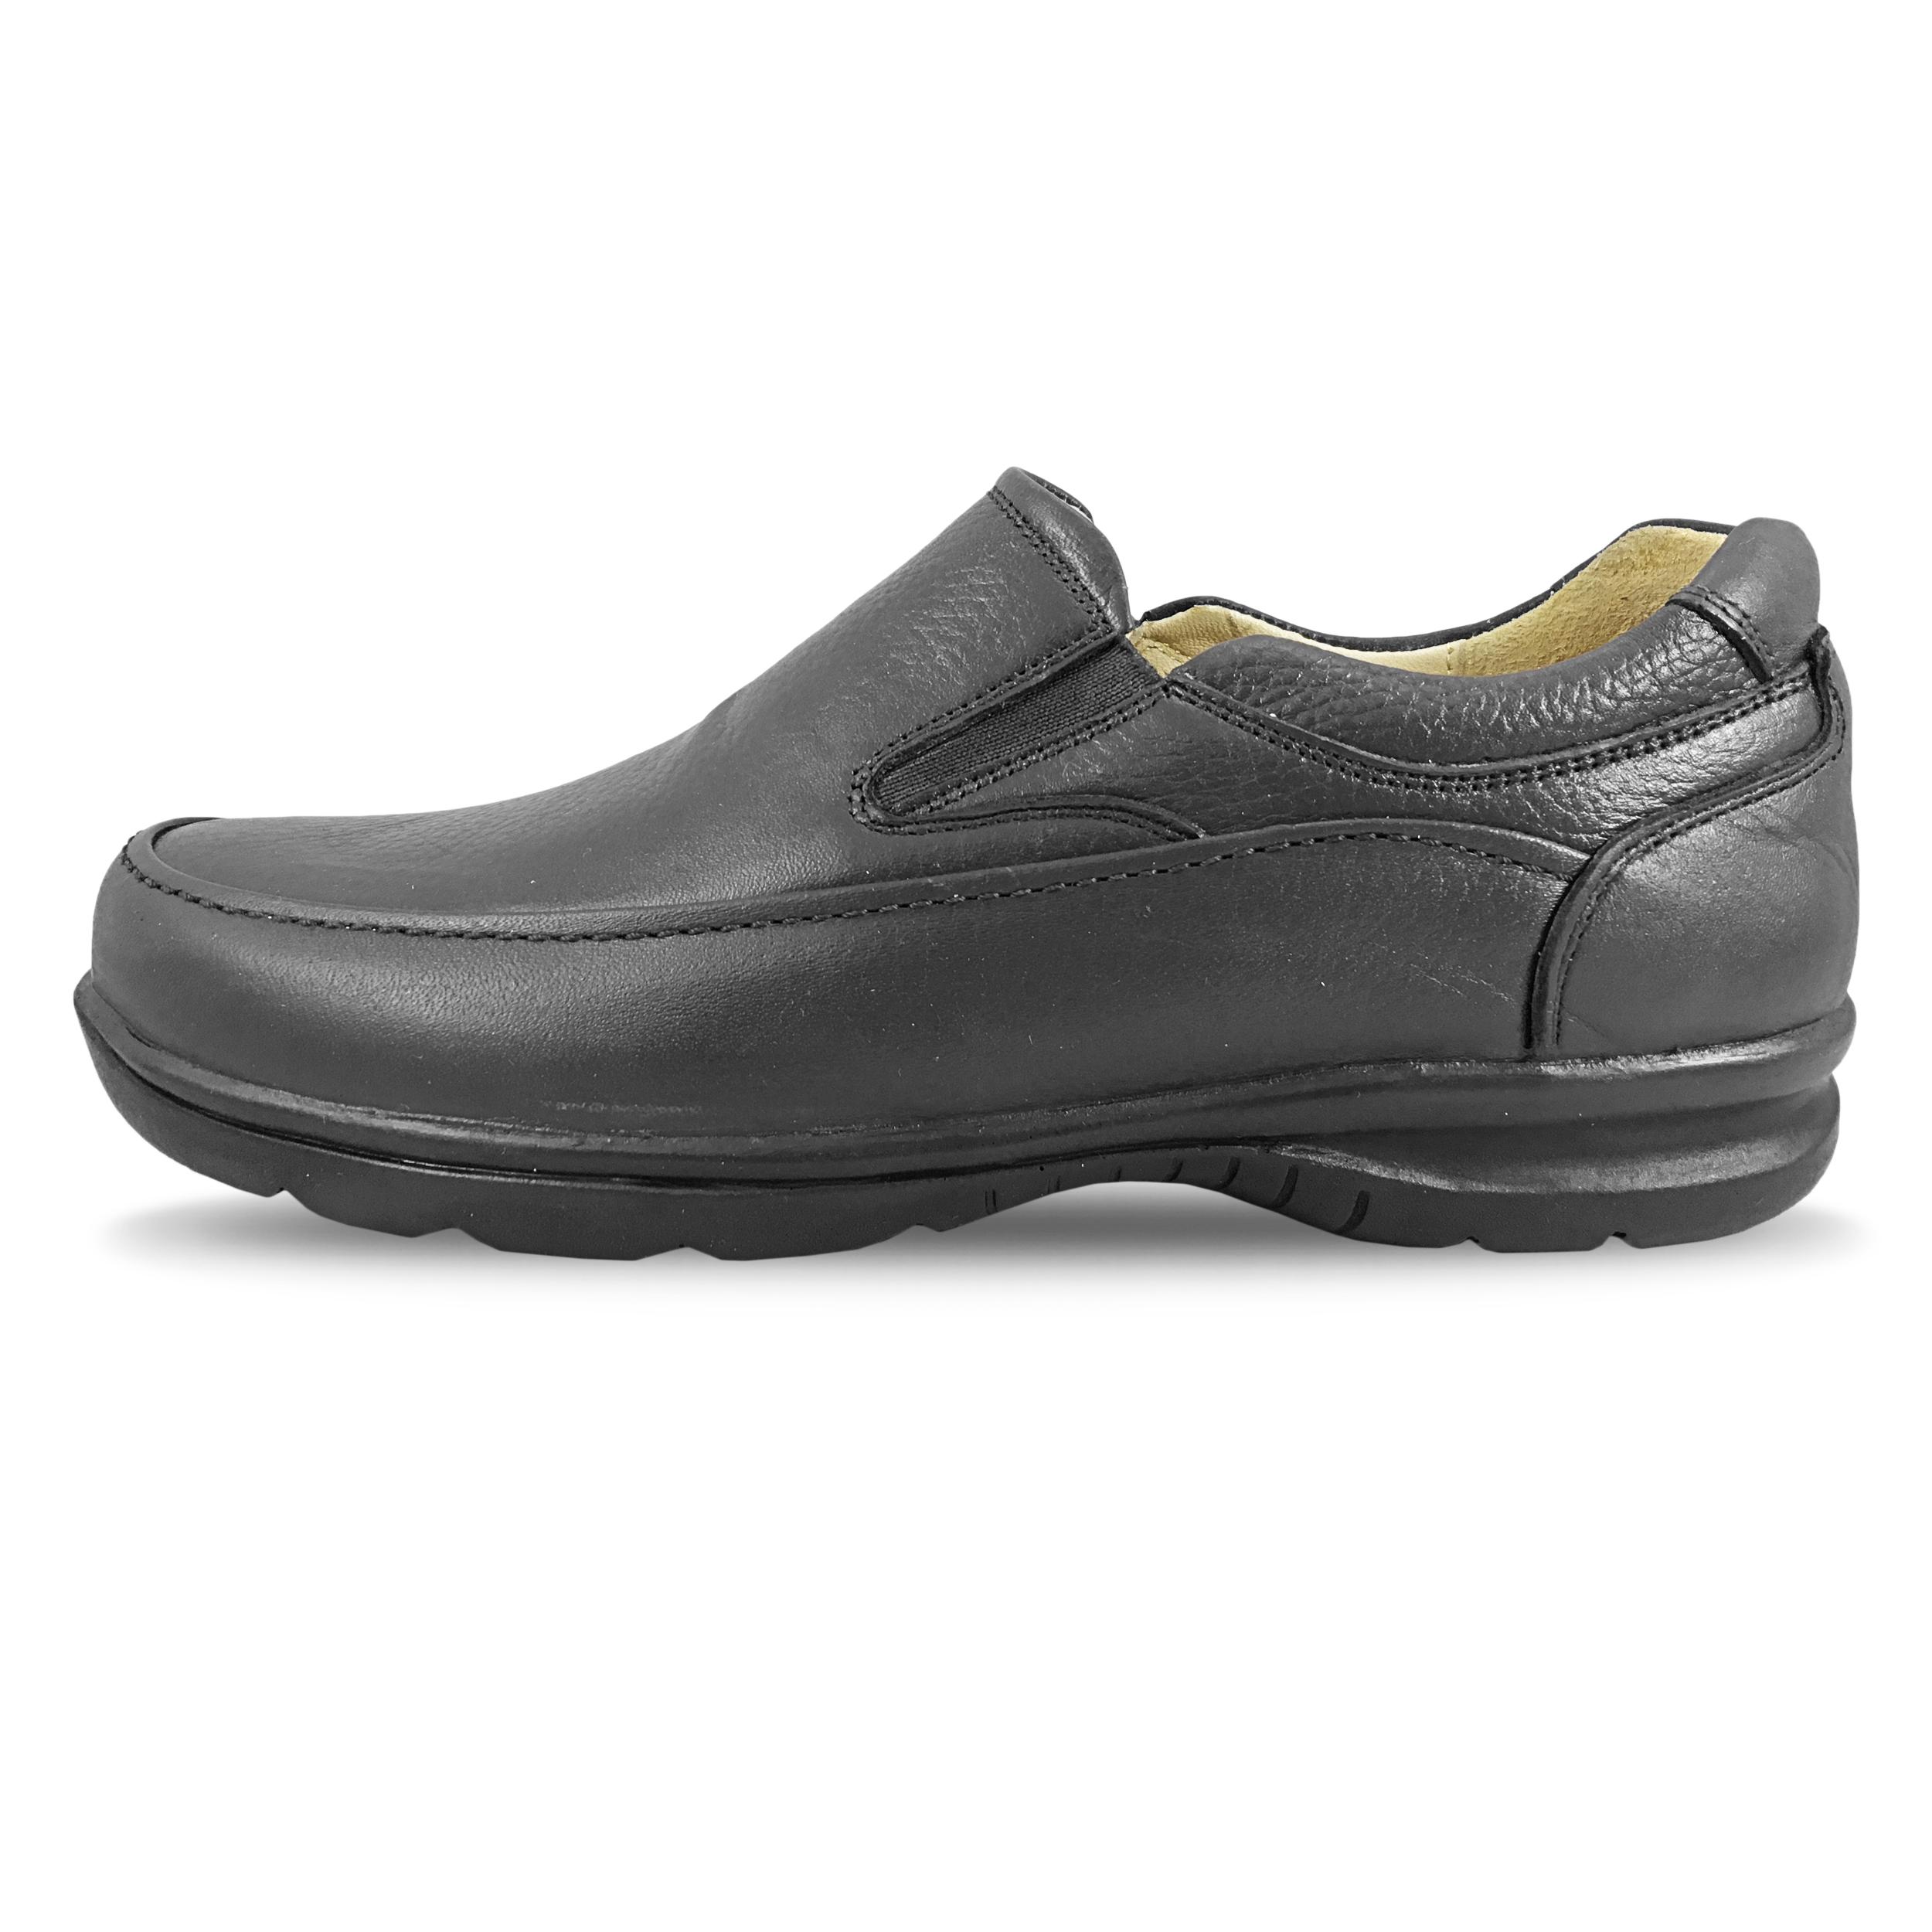 کفش مردانه مدل گریدر کد B5179